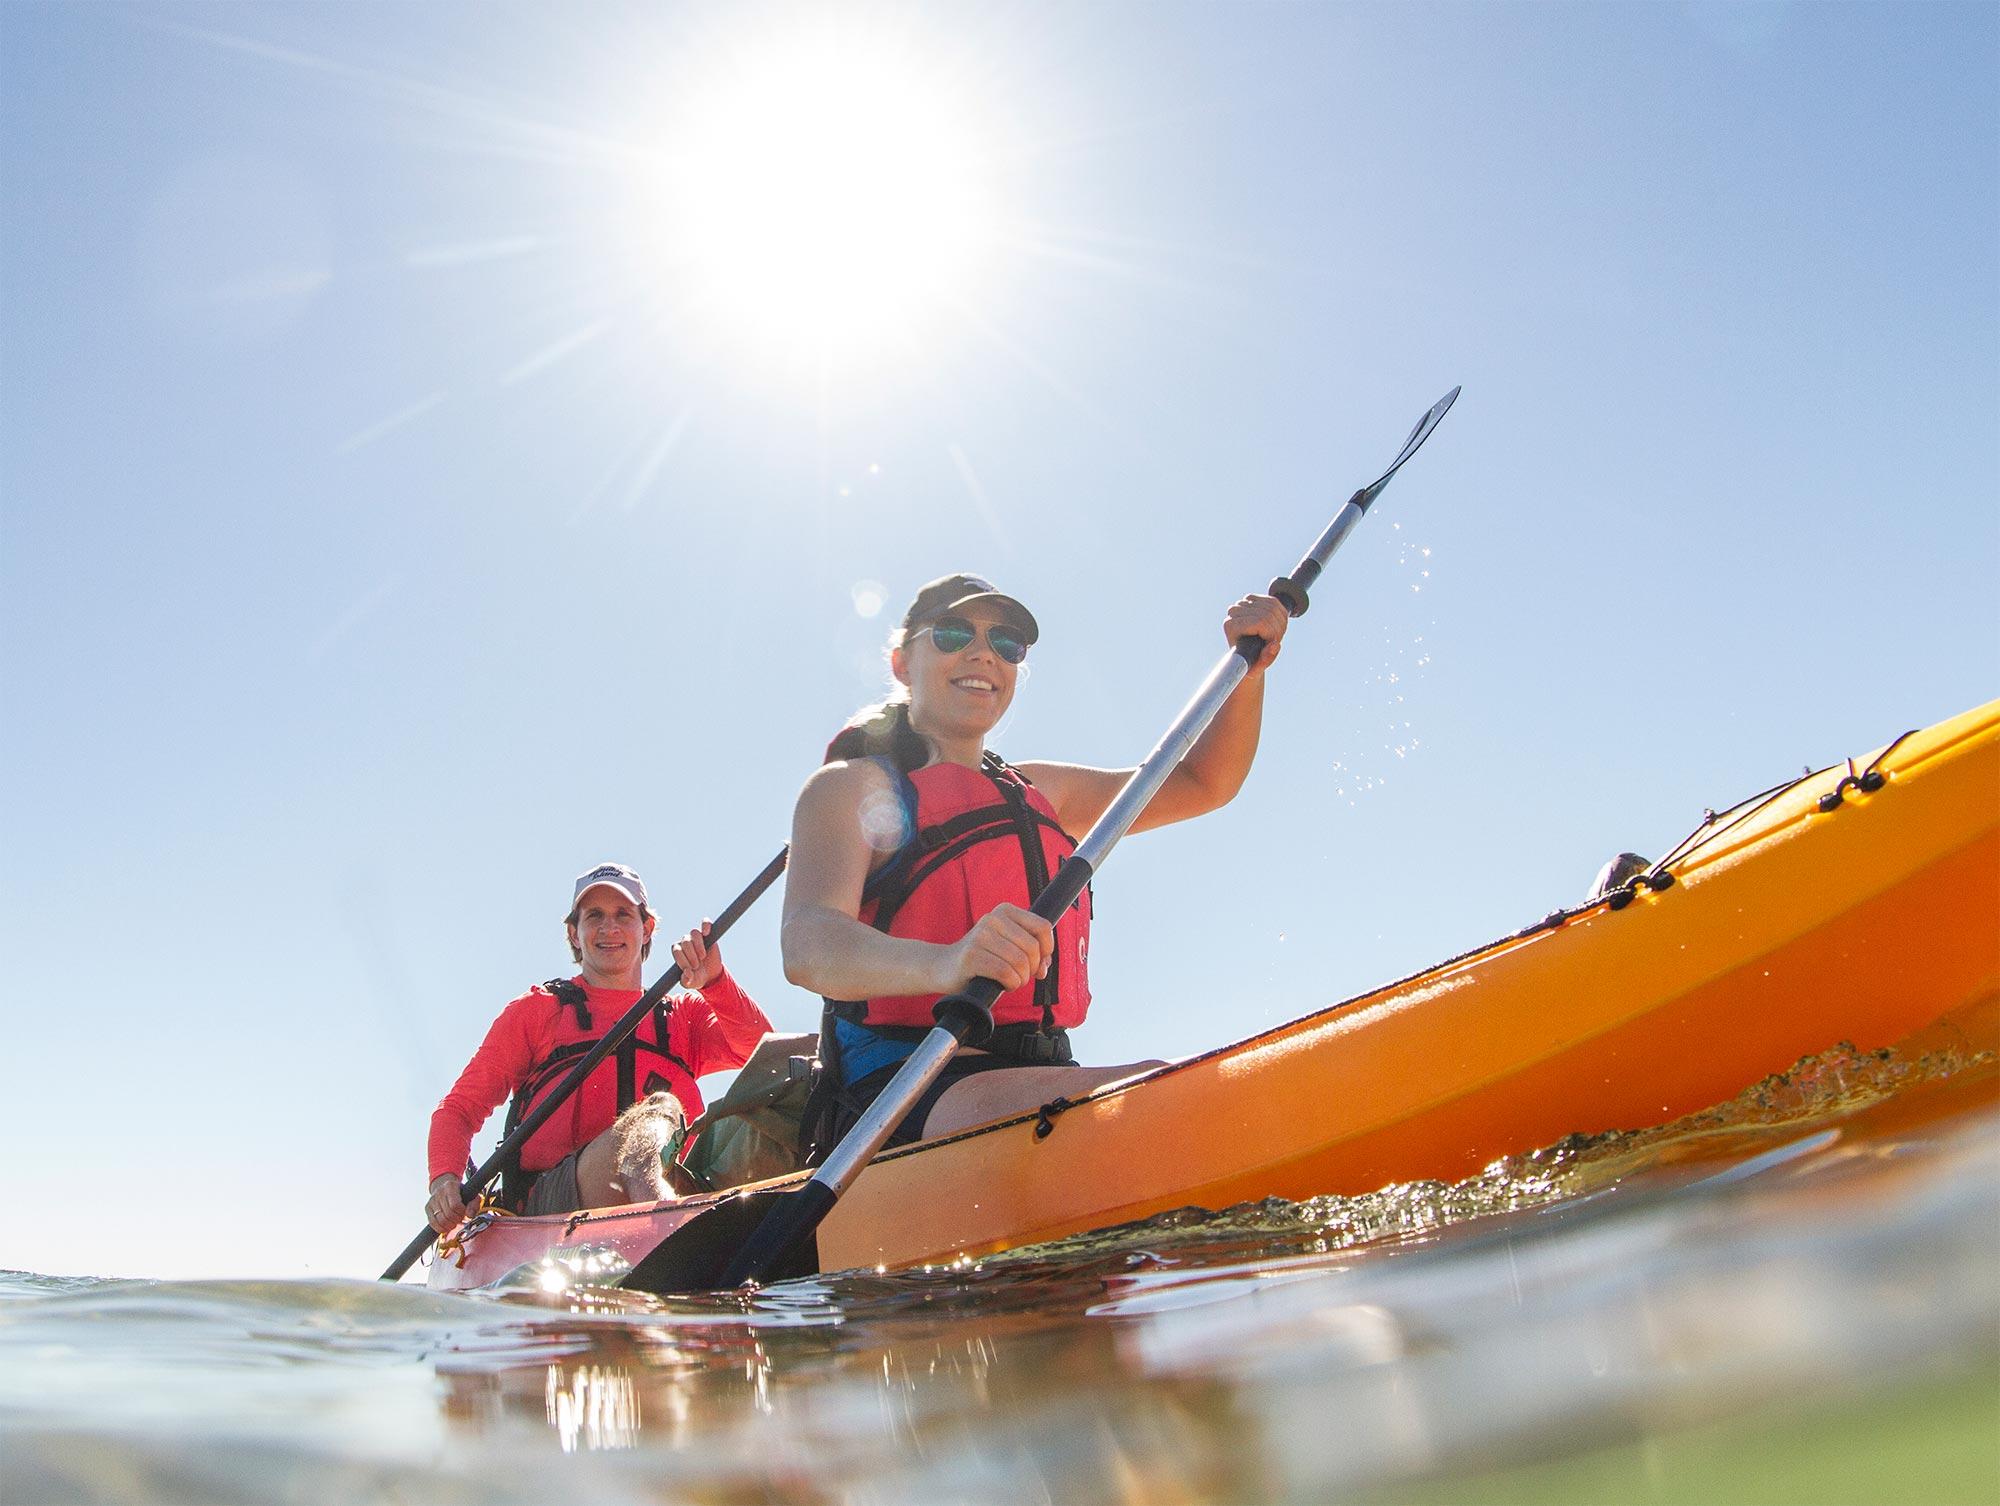 Kayak_Tour_Discount_Image